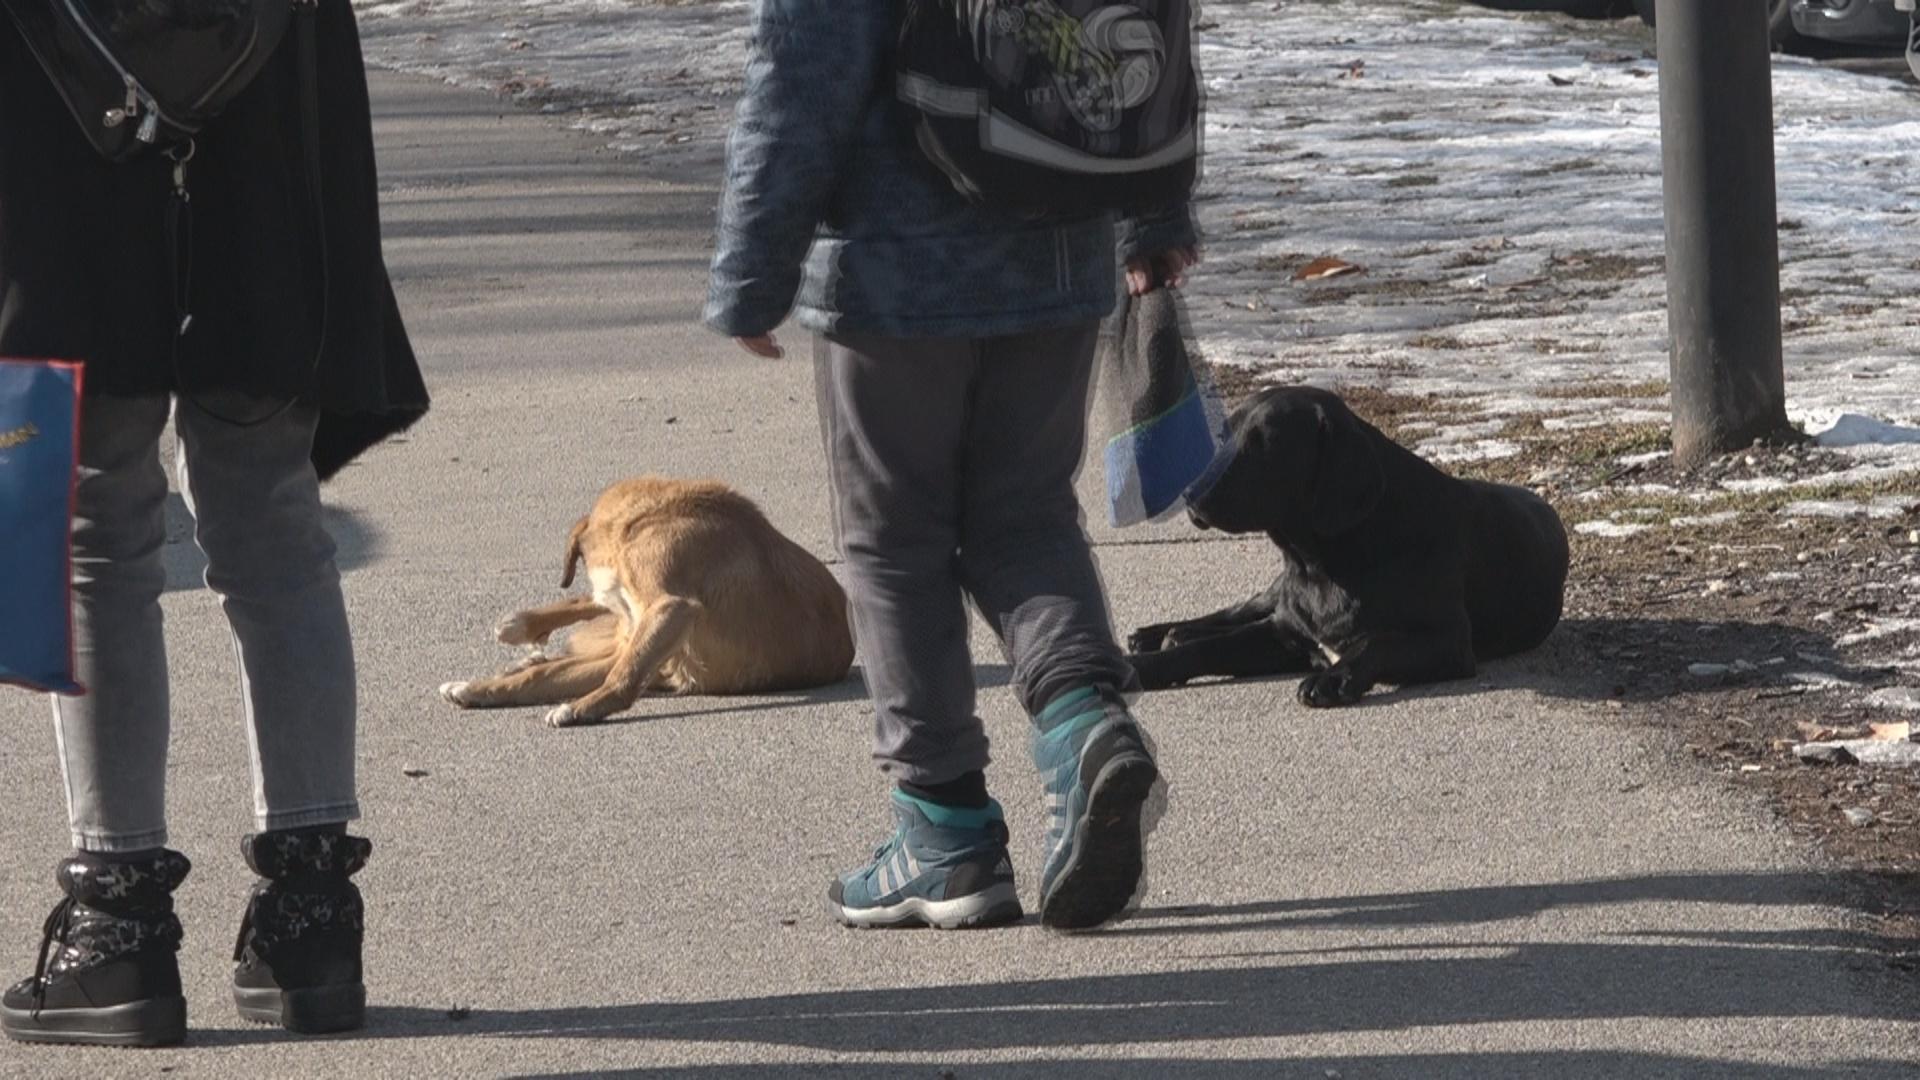 Ванредна ситуација због паса луталица укинута – 17 паса уклоњено у суботњој акцији